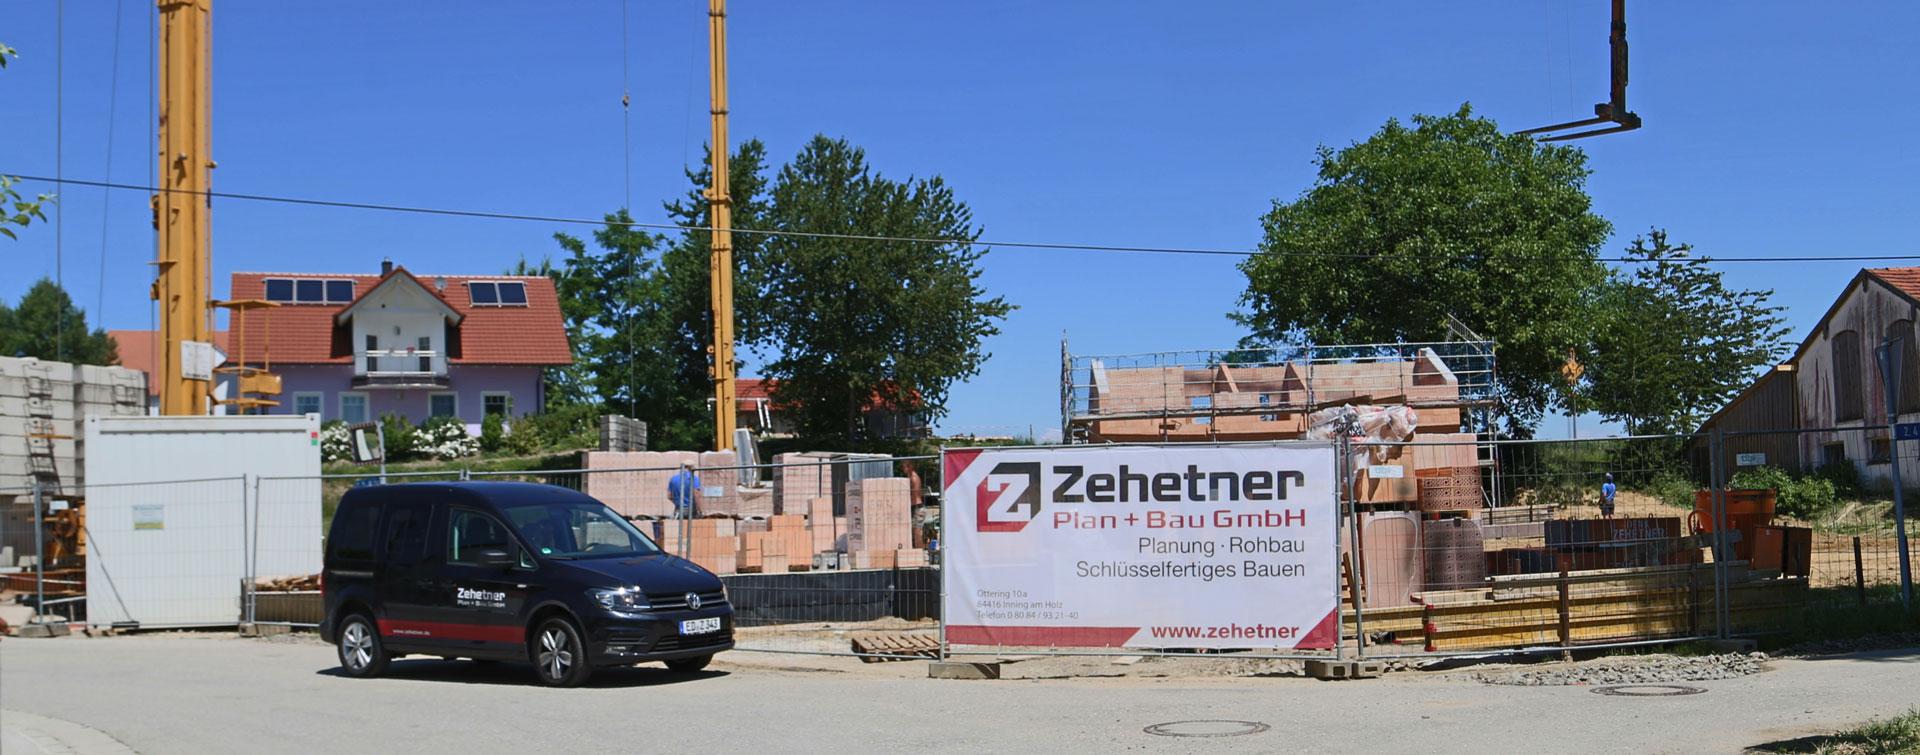 Baustelle von der Zehetner Plan + Bau GmbH aus Inning am Holz